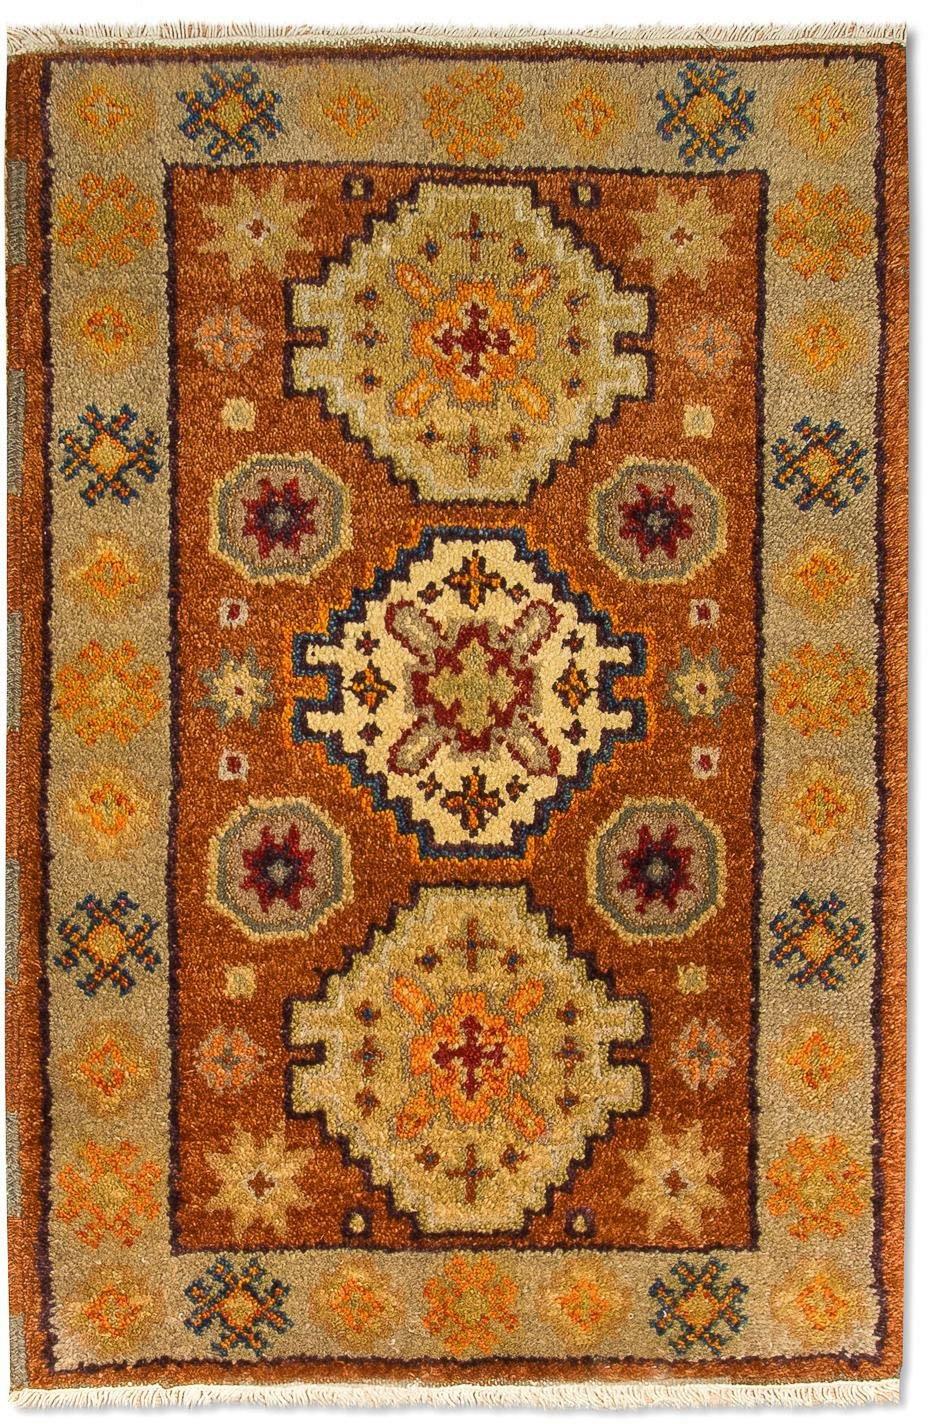 morgenland wollen kleed Kazak Teppich handgeknüpft braun - gratis ruilen op otto.nl